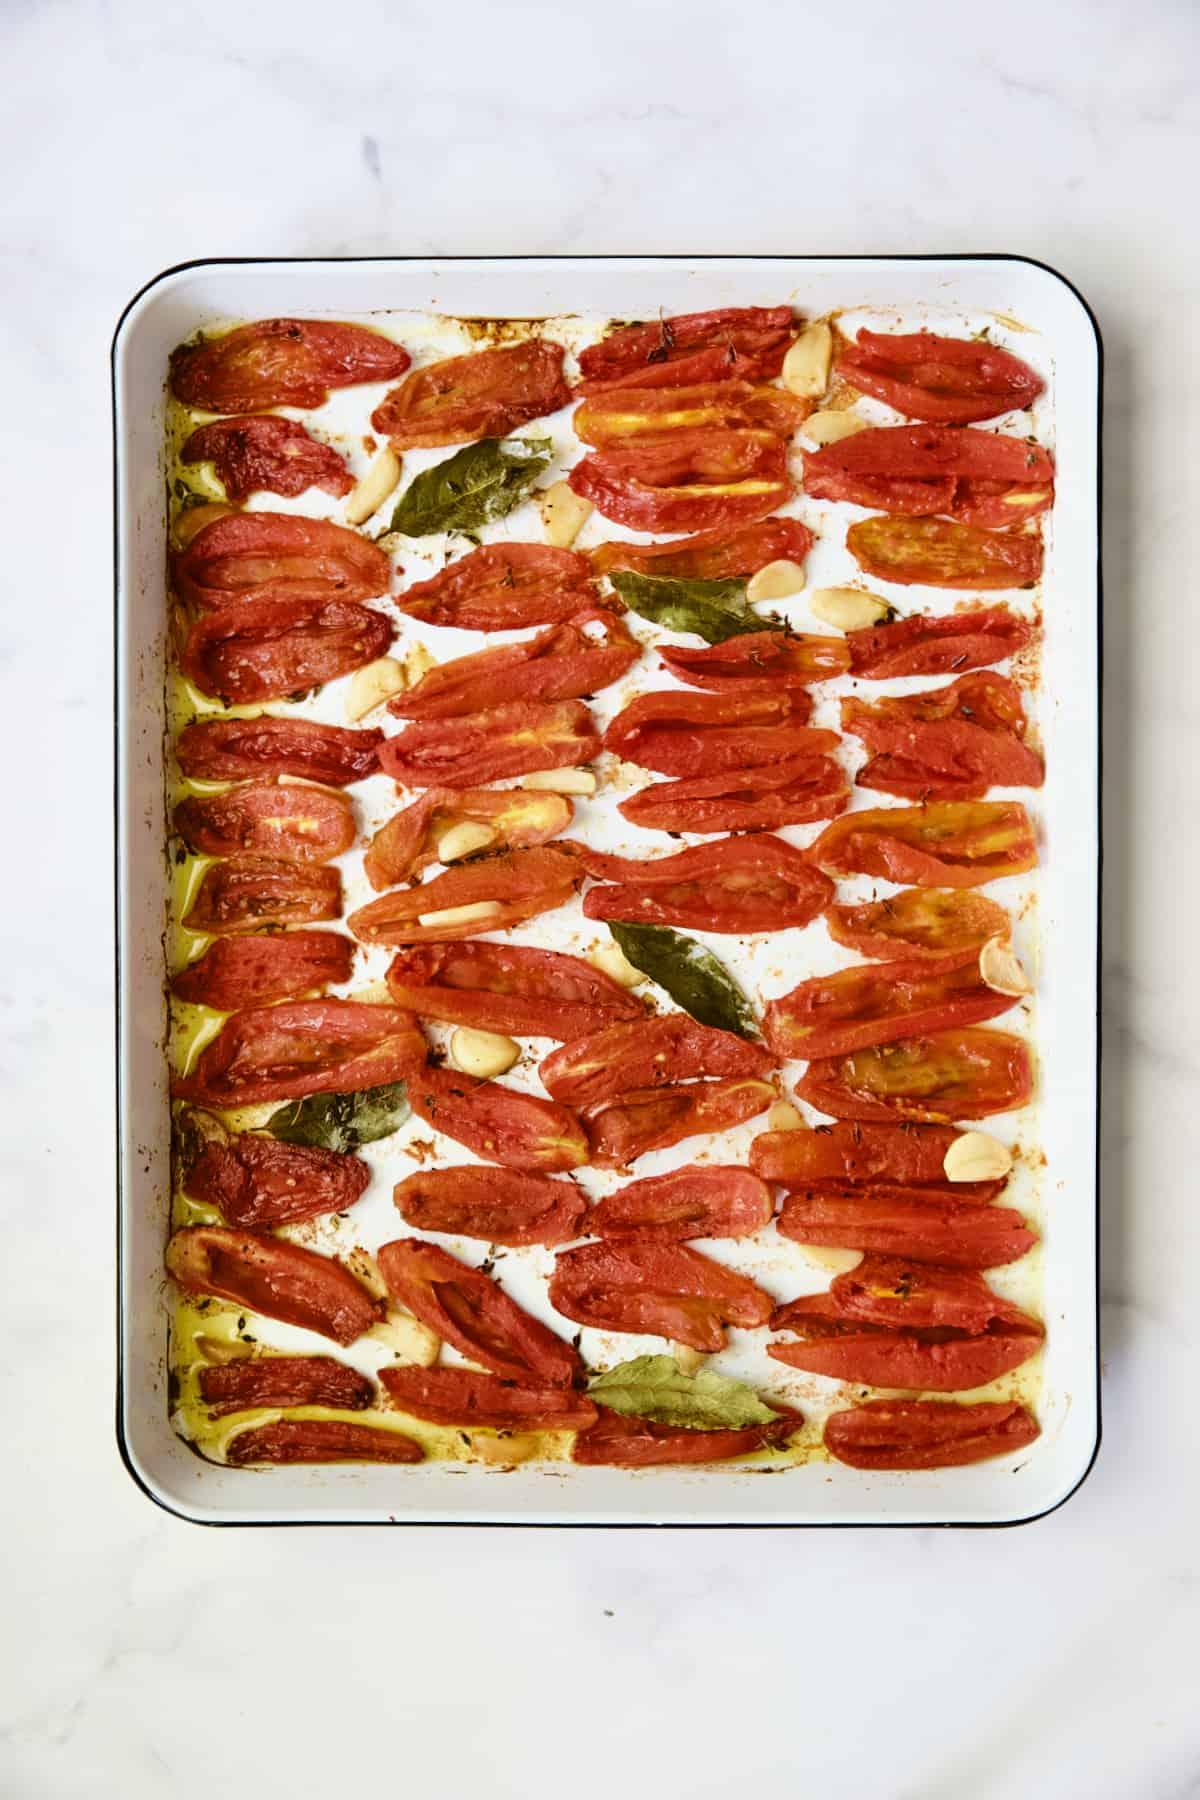 Confit tomatoes on white enameled baking sheet.